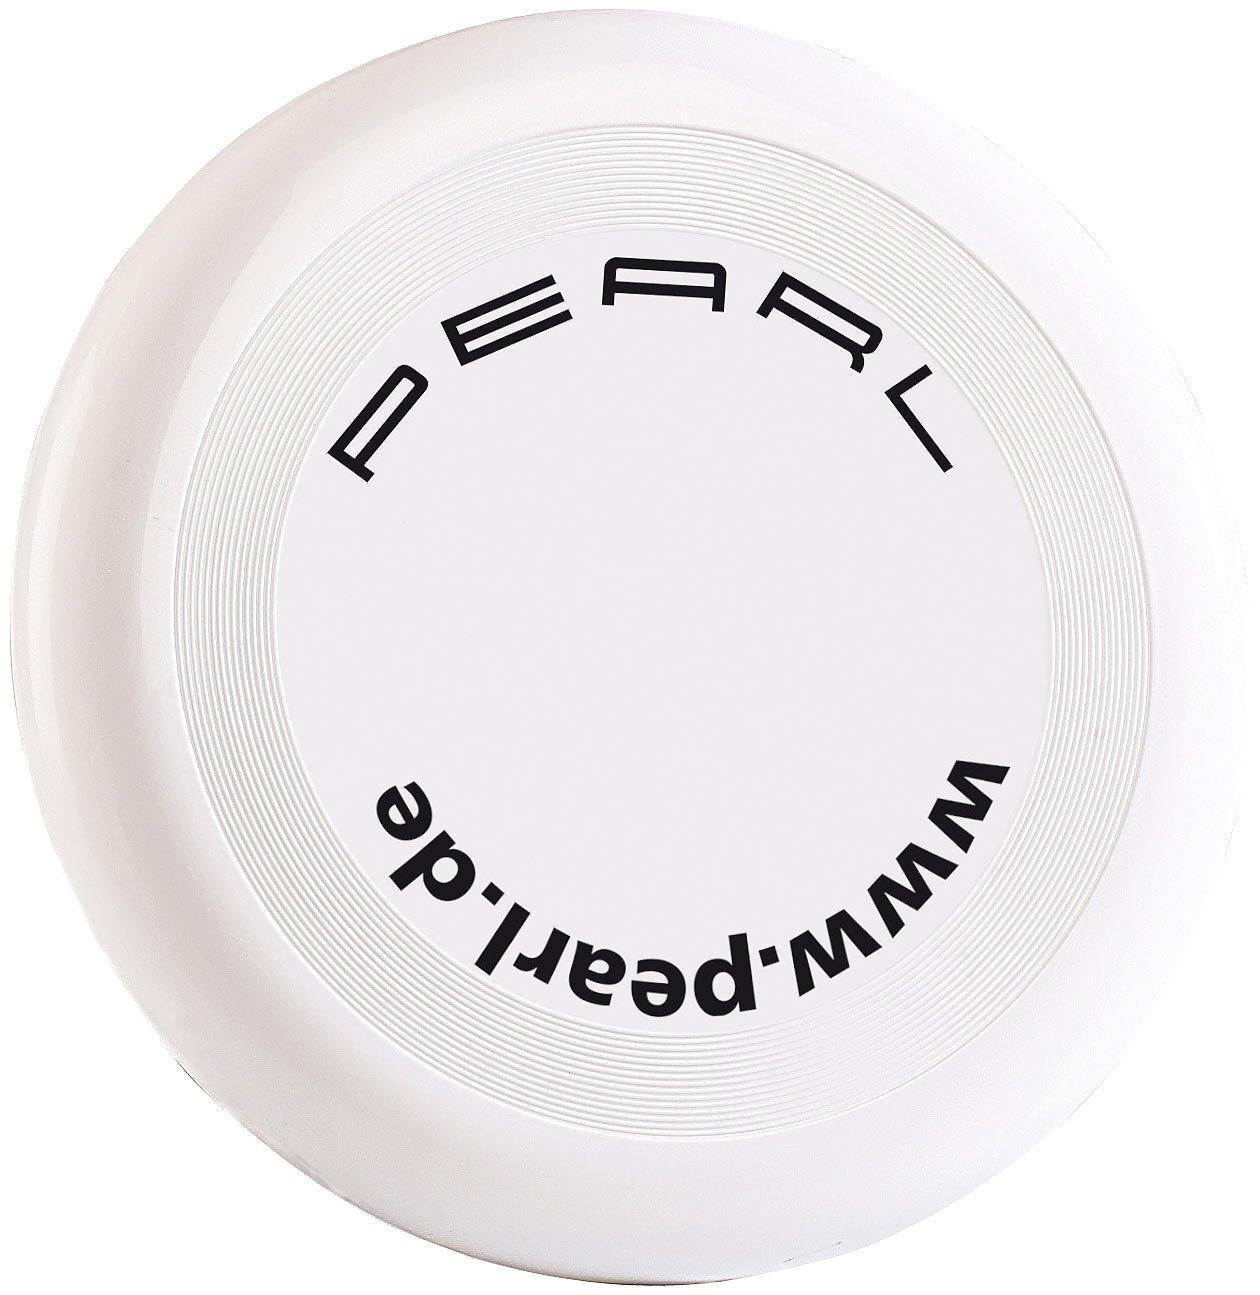 PEARL-Wurf-Spielzeug-Frisbee-Wurfscheibe-mit-23-cm-Durchmesser-Kinder-Frisbee